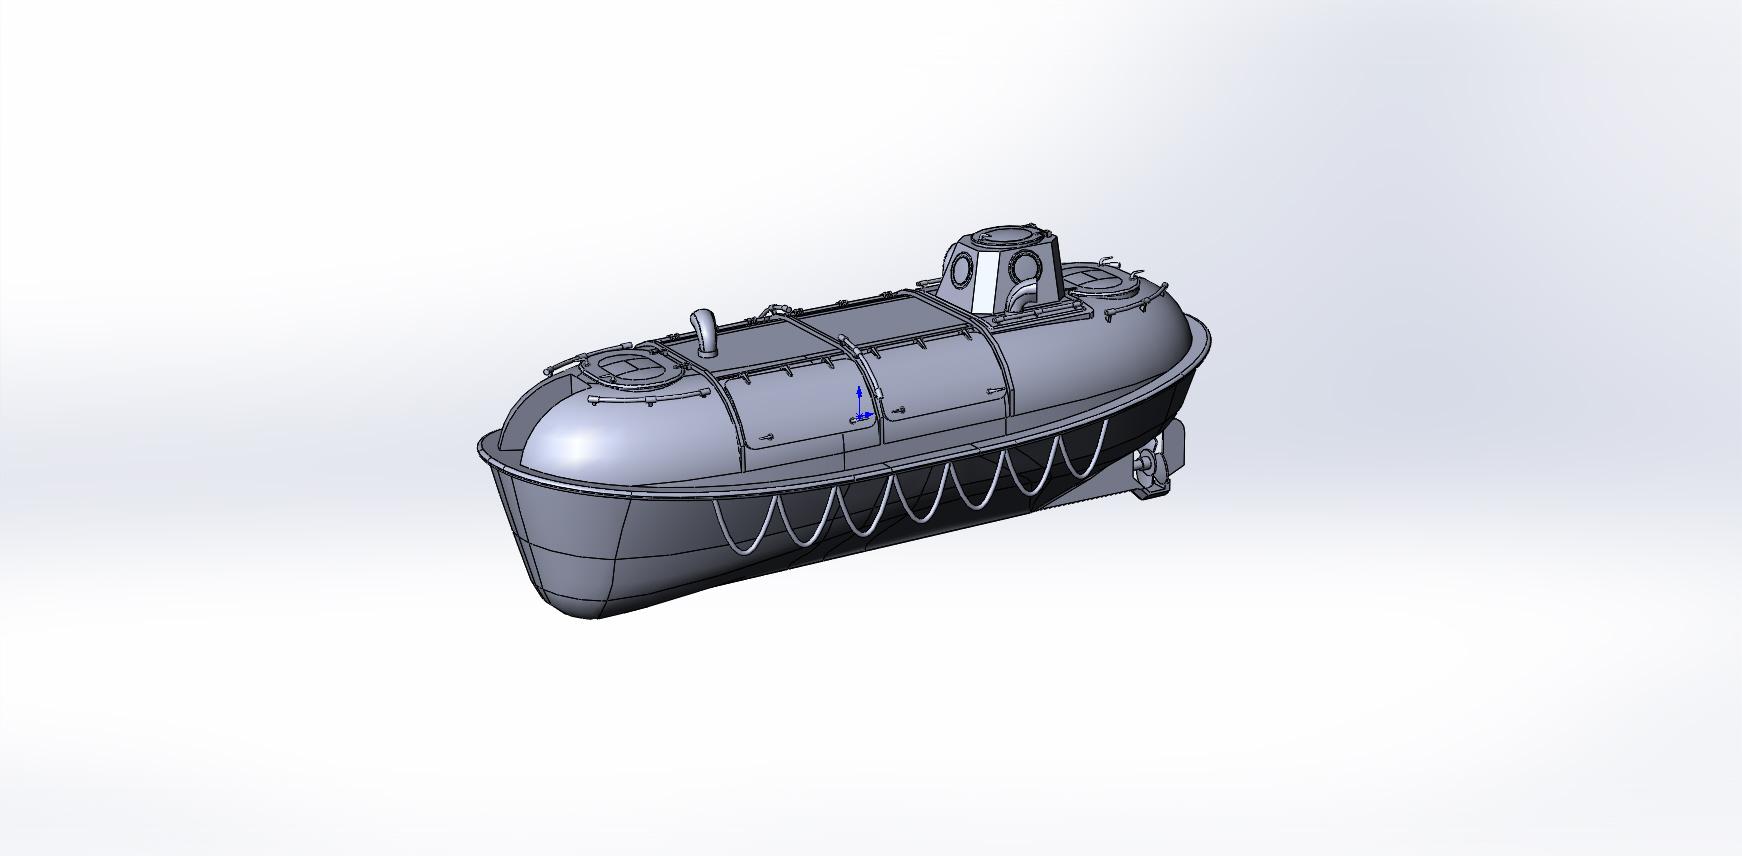 Моделирование спасательной шлюпки типа ЗСШМП(без текстурирования, подготовка макета к печати)